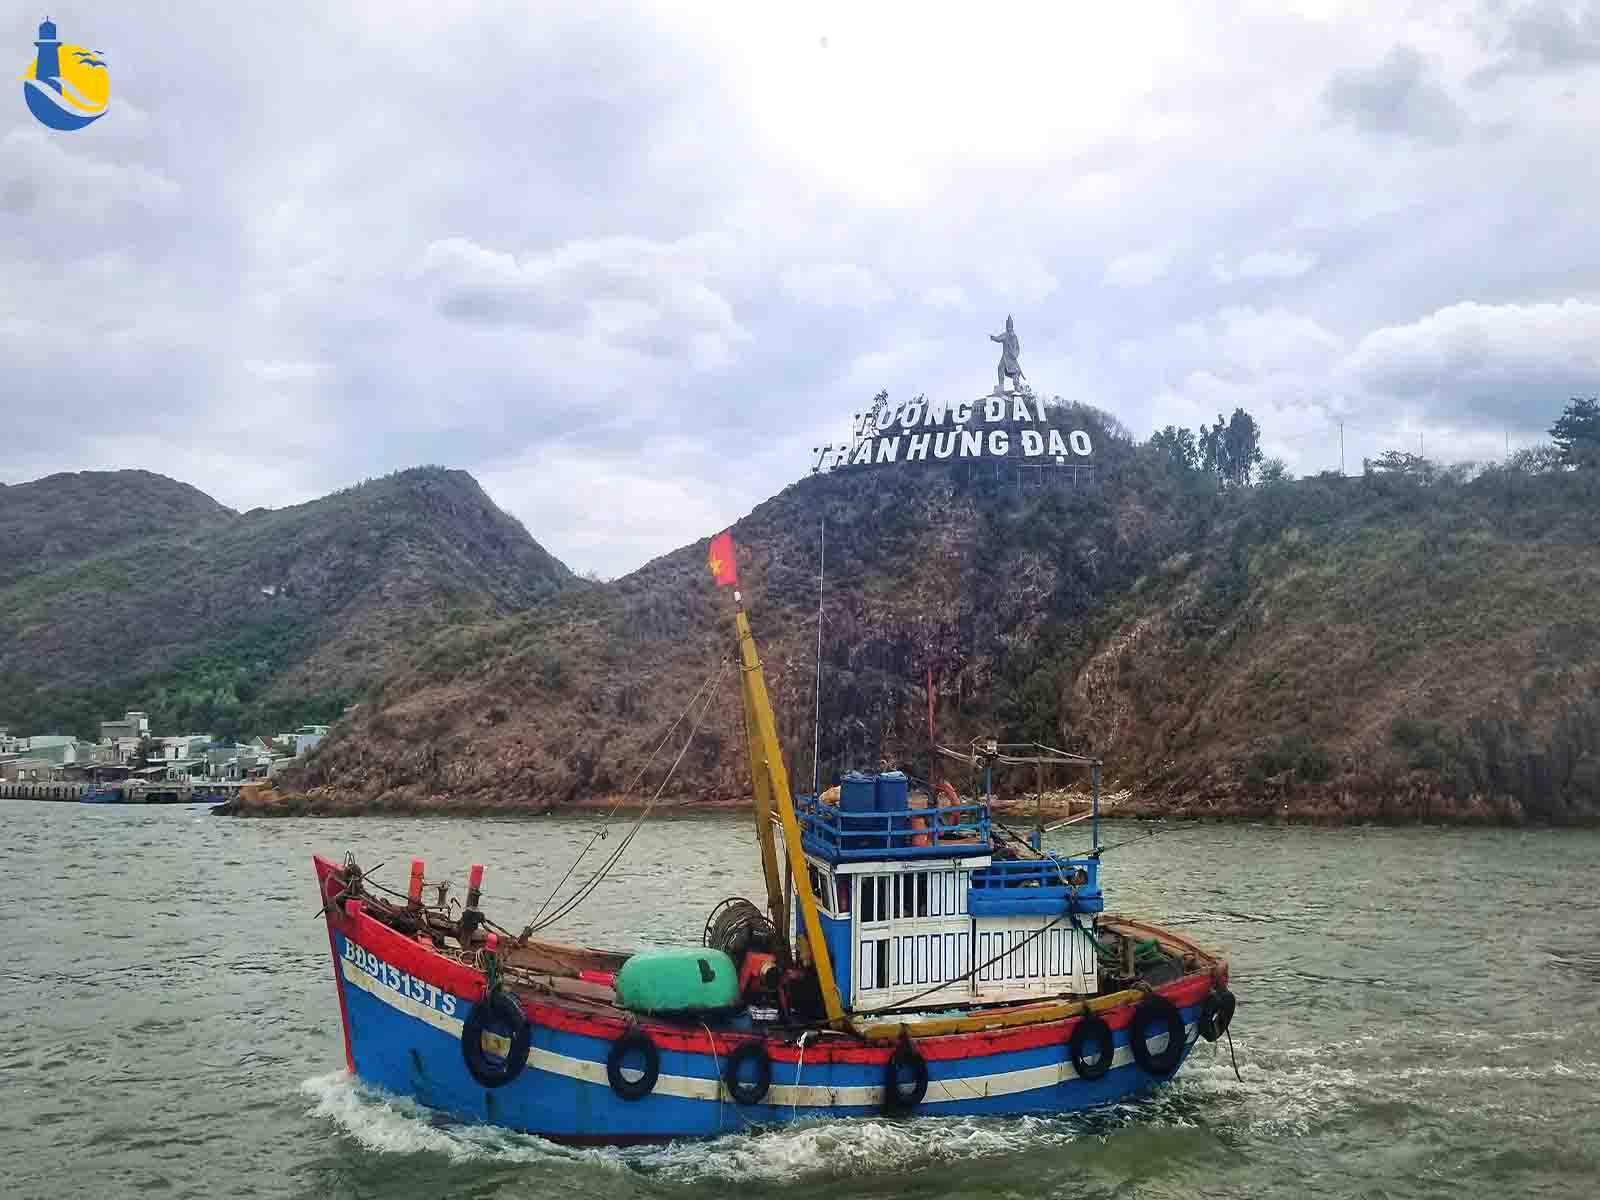 Tượng Trần hưng Đạo trên bán đảo Phương Mai